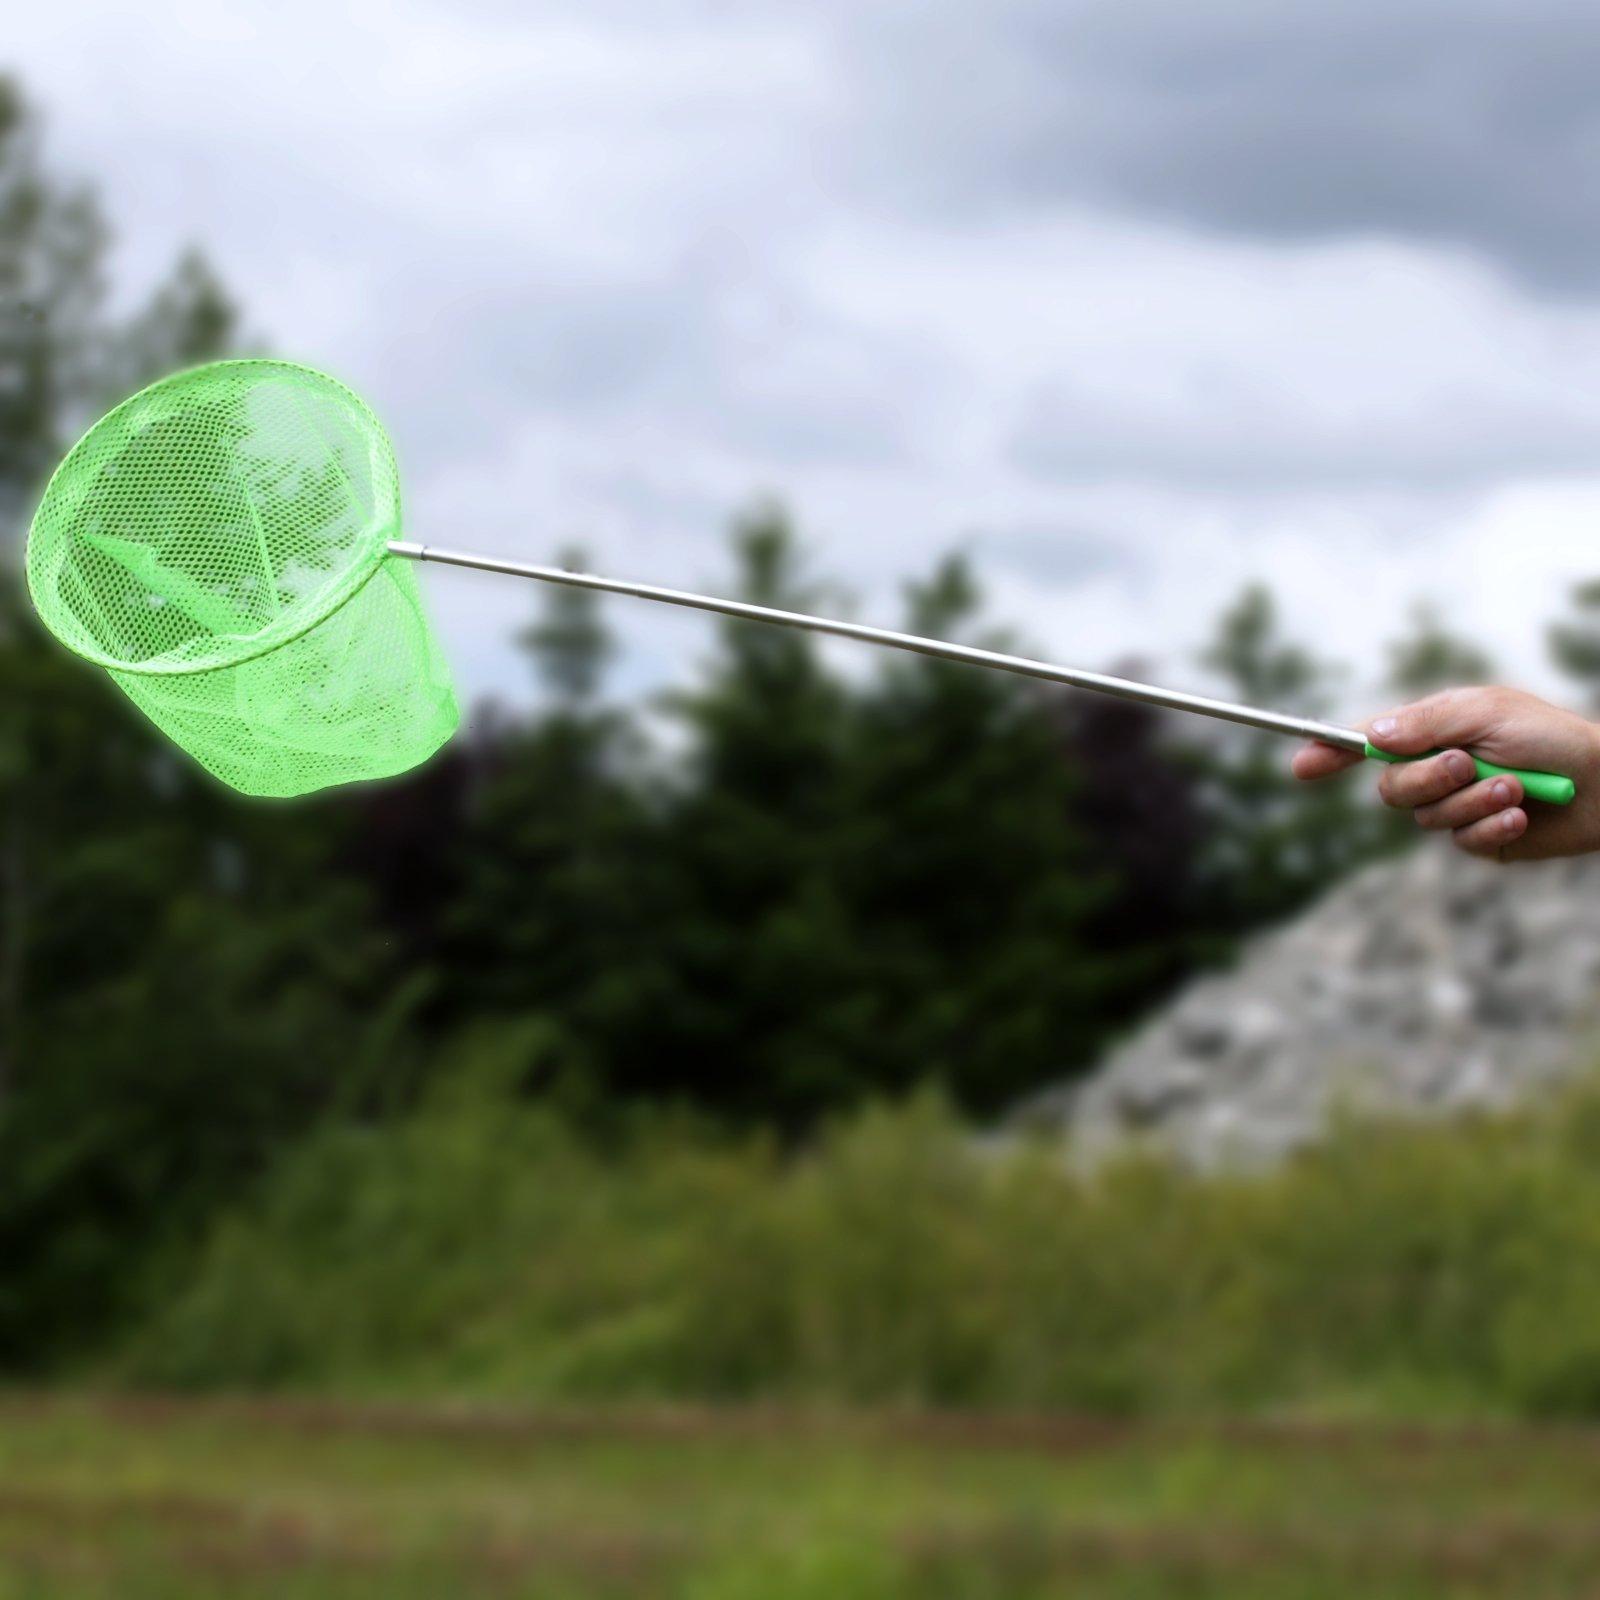 KidPlay Telescopic Butterfly Catching Mesh Net Kids Garden Toy - Green